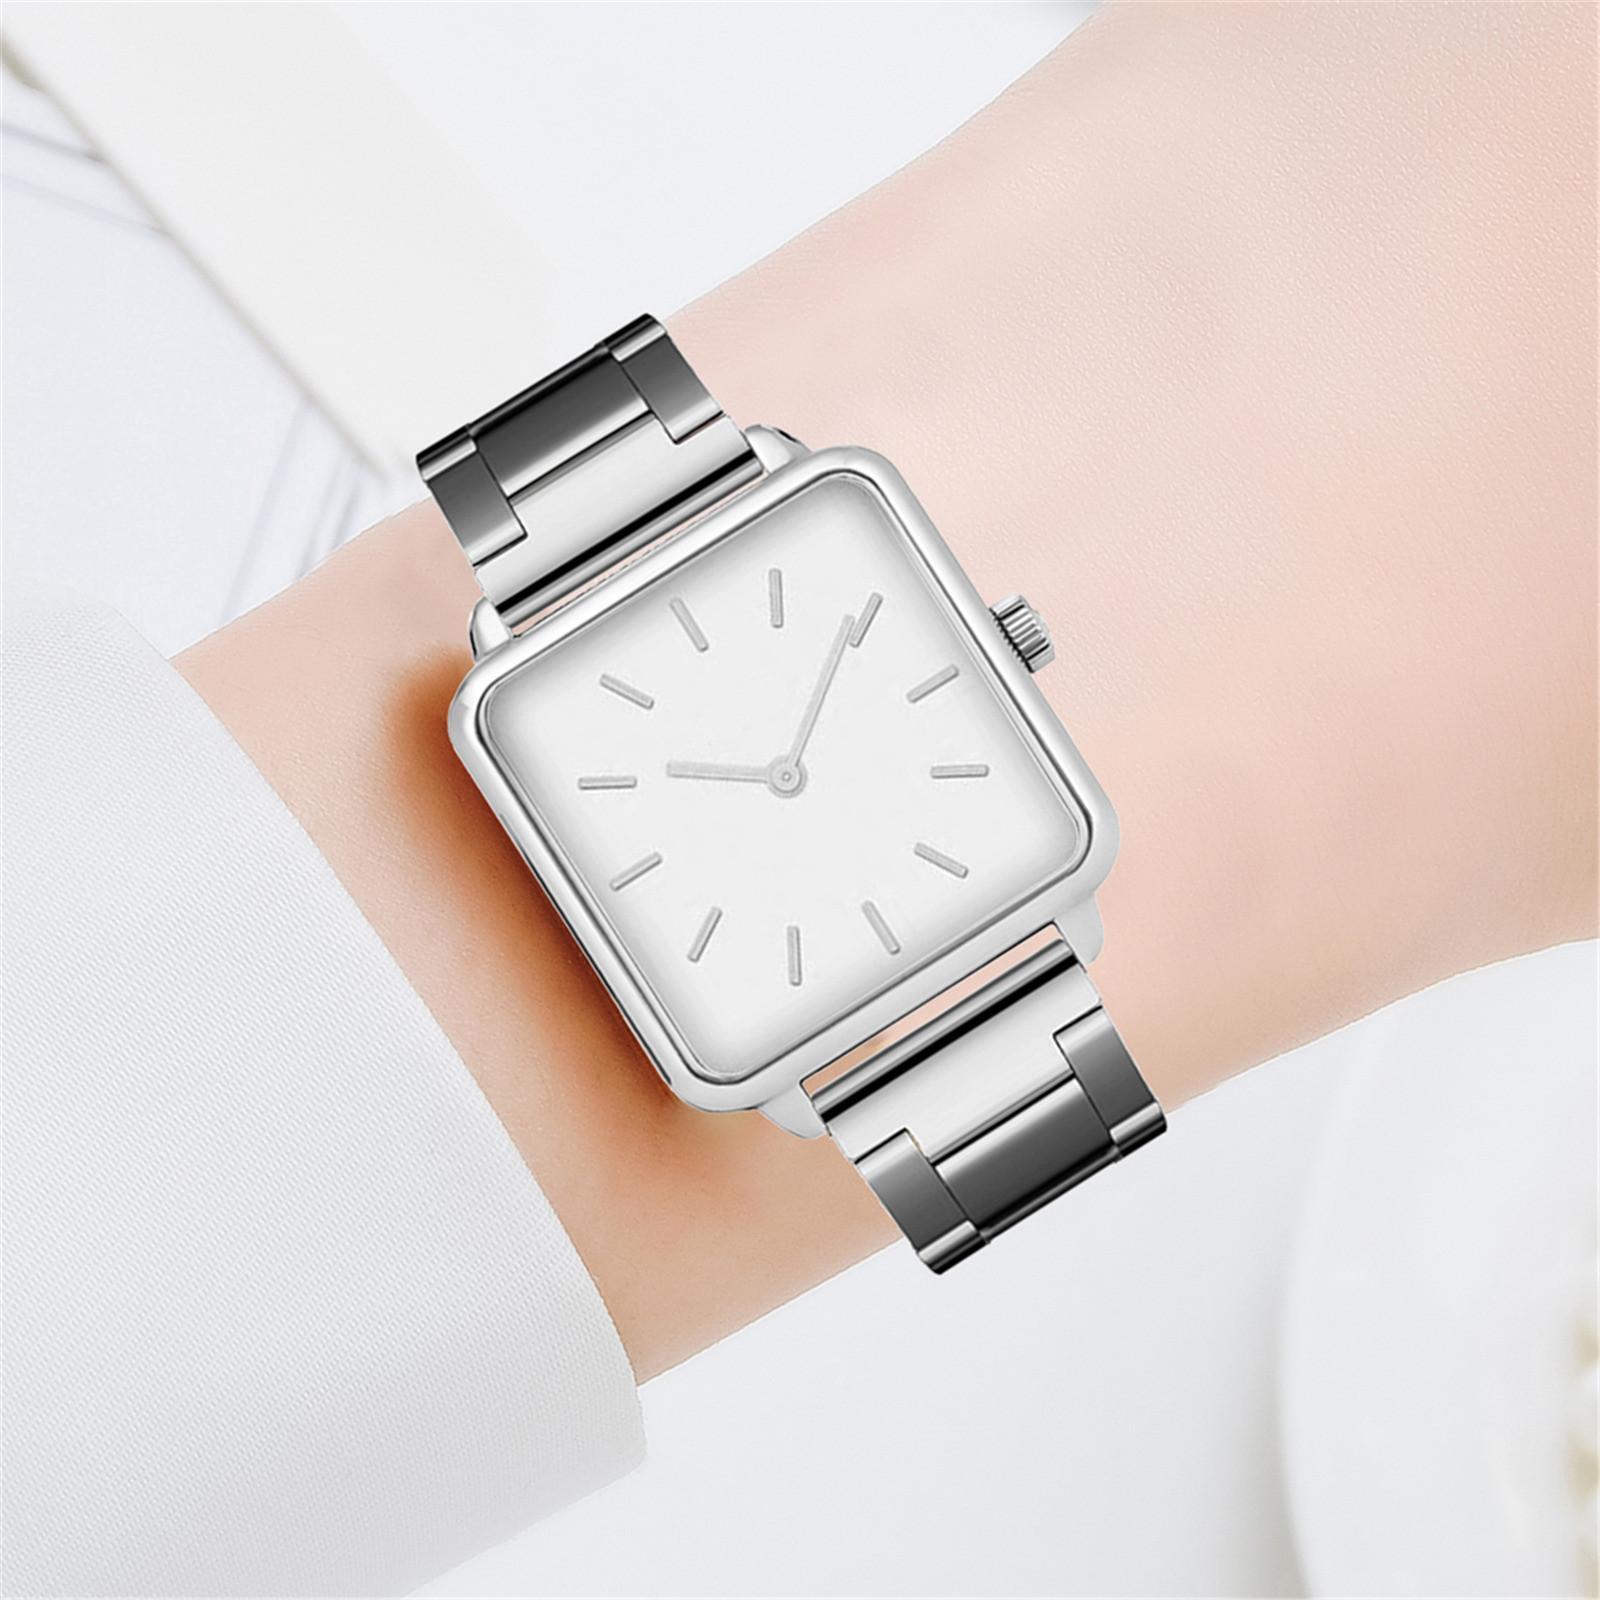 S Relojes de cuarzo para las mujeres Relojes de correa de cuero Cuadrado Cinturón femenino de acero inoxidable.